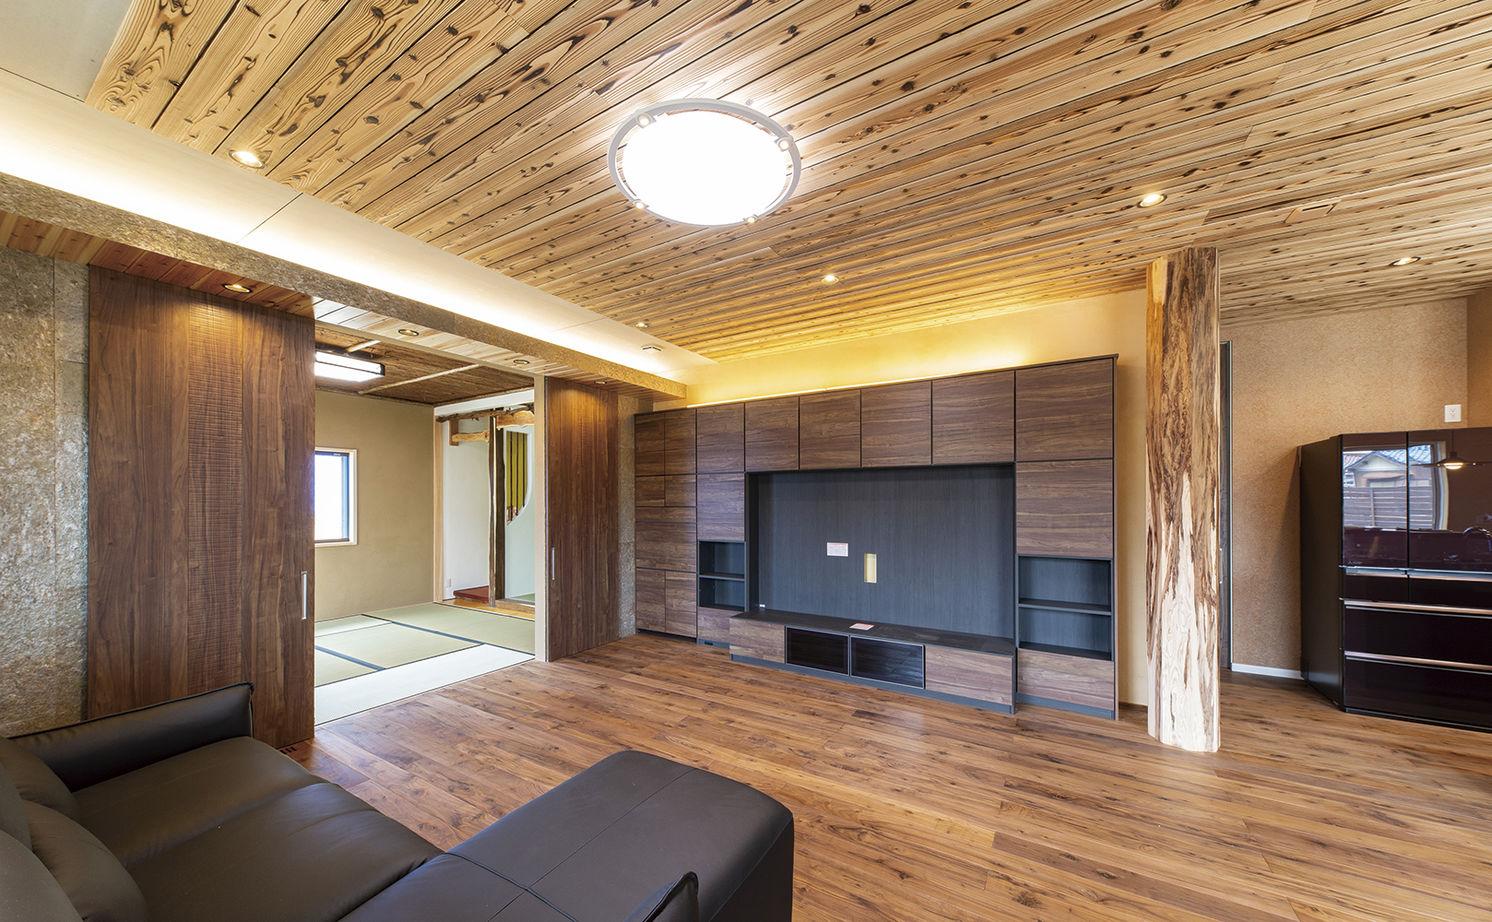 タイルならではの重厚感をまとう家で、自然木の持つ豊かな表情を楽しむ毎日画像2